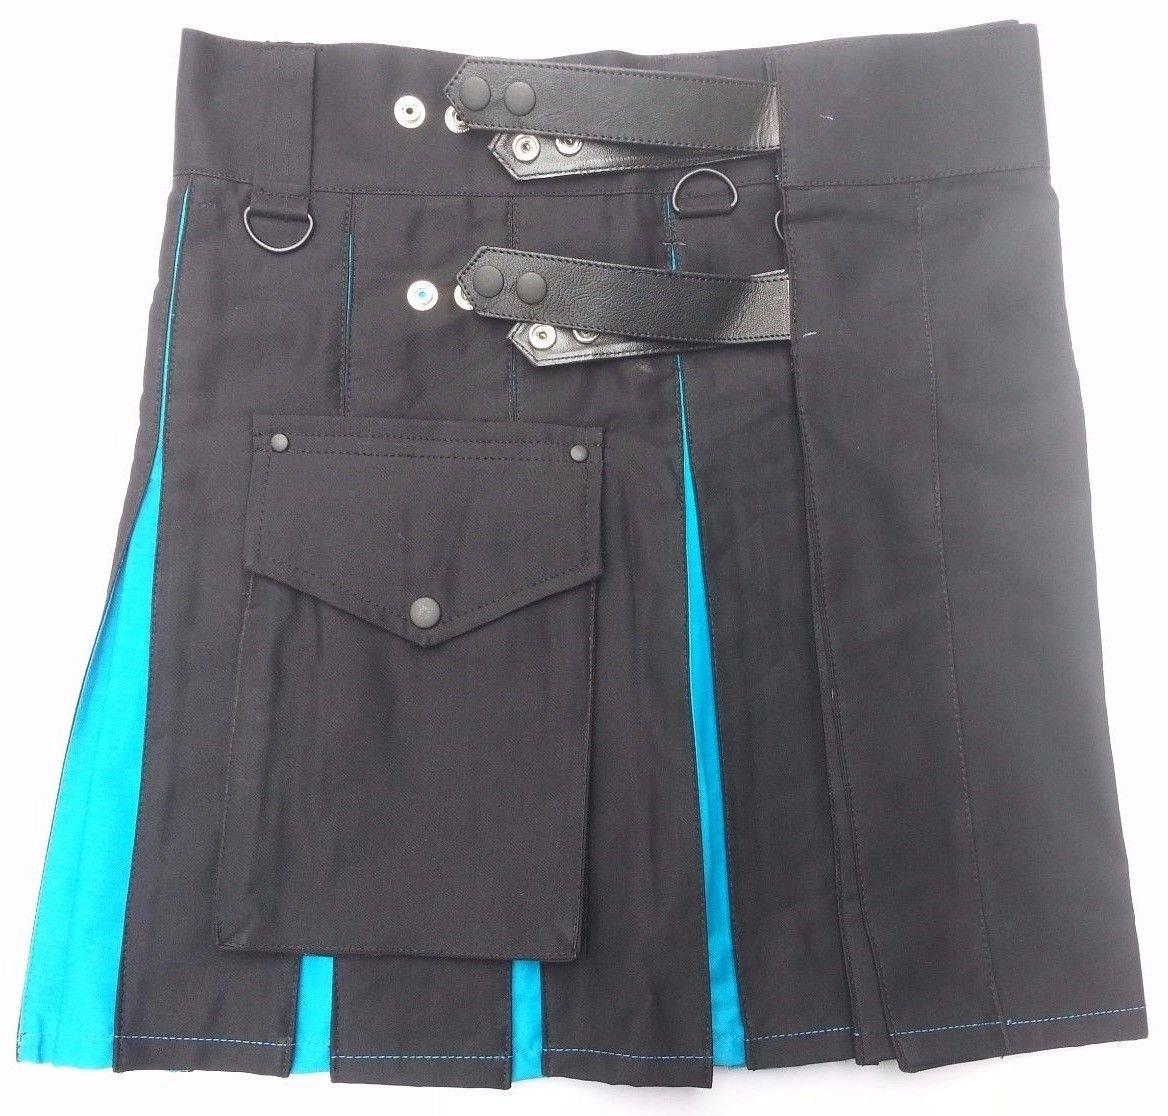 Ladies TDK Black & Blue Cotton Hybrid Kilt, Leather Straps Tactical Duty Kilt Black/Blue Cotton